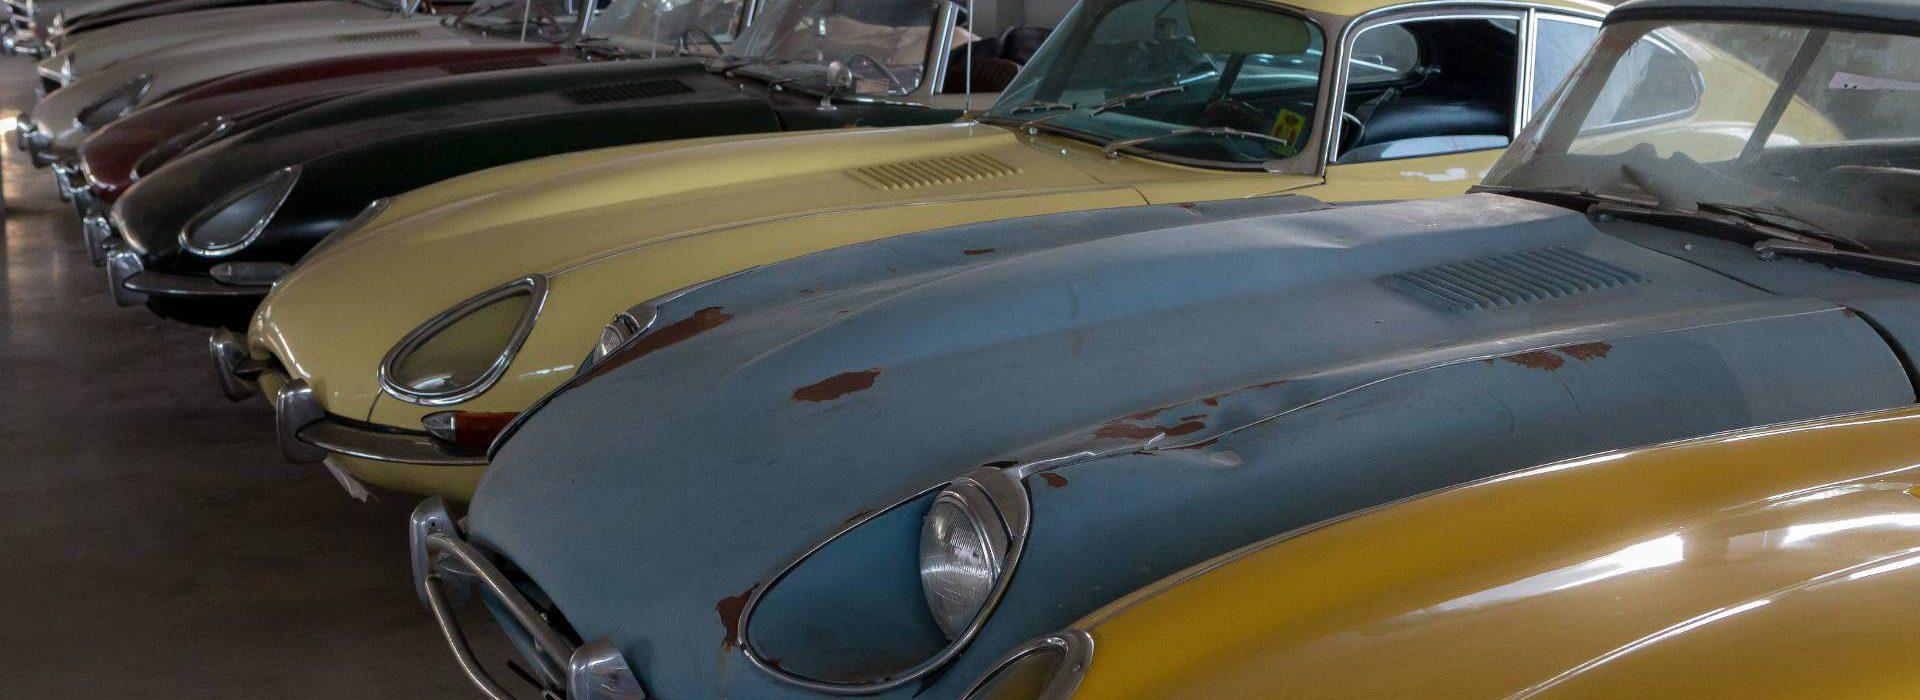 coches antiguos en venta